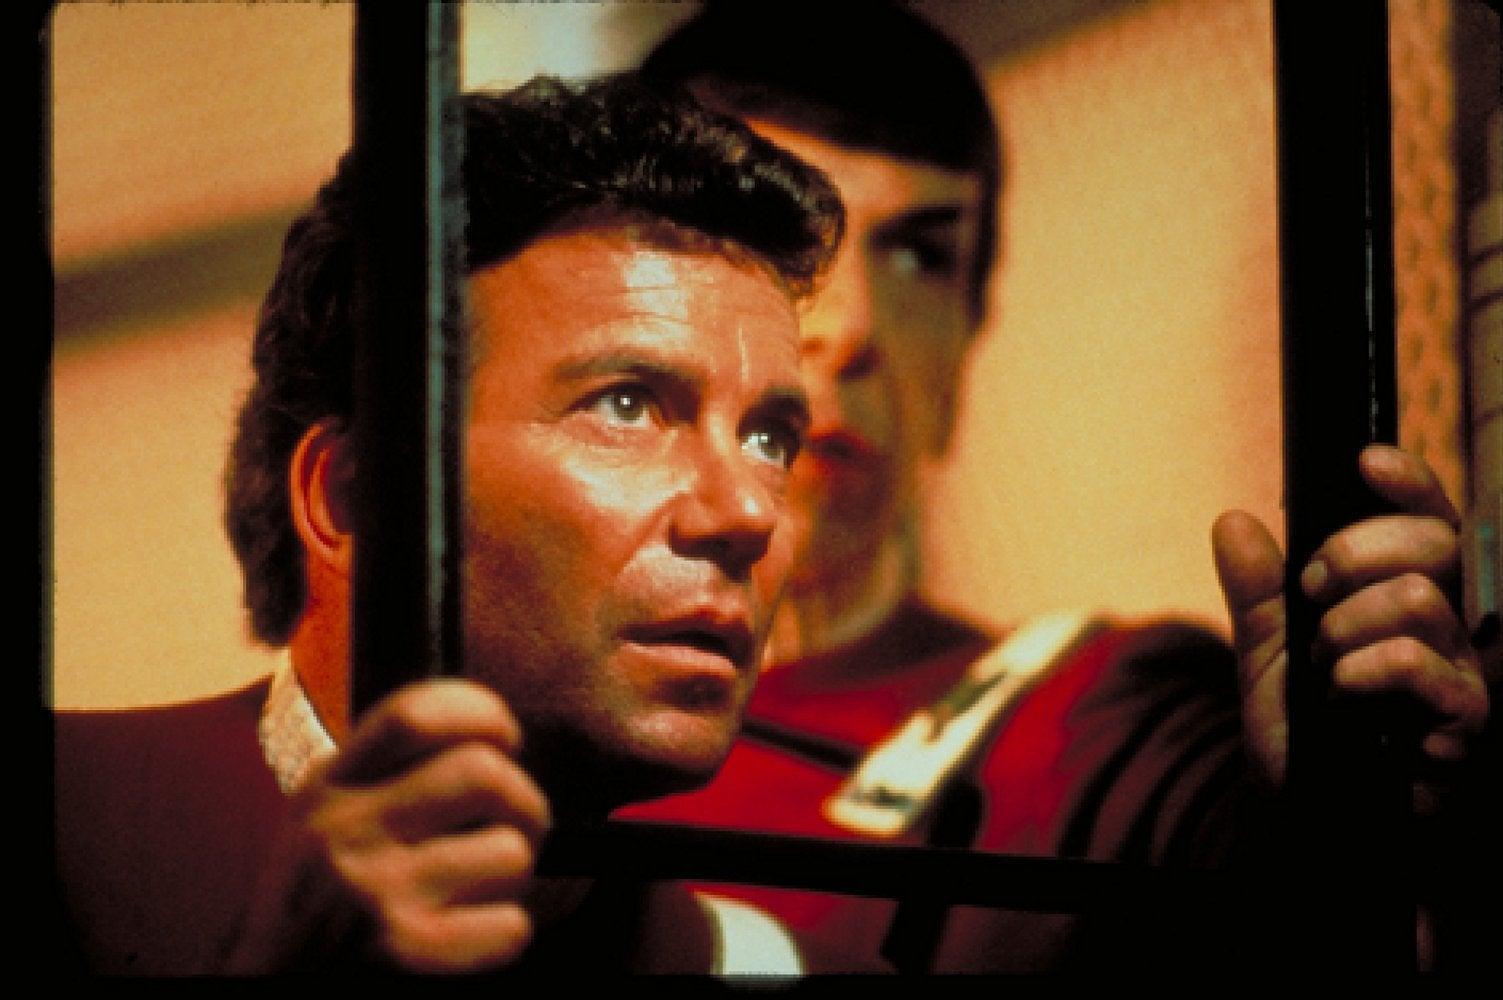 Leonard Nimoy and William Shatner in Star Trek: The Wrath of Khan